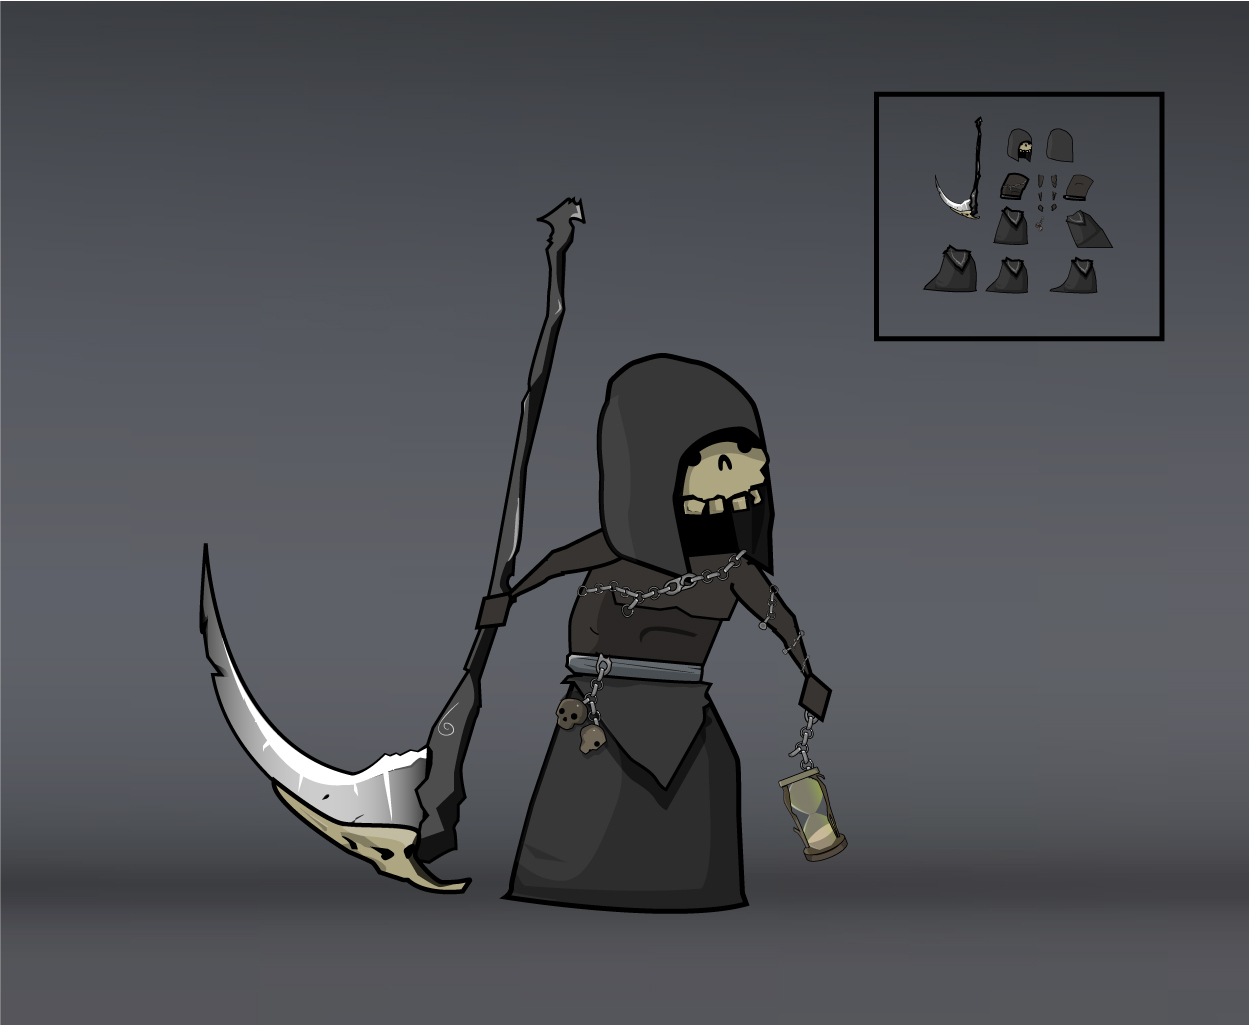 skeleton army grim reaper